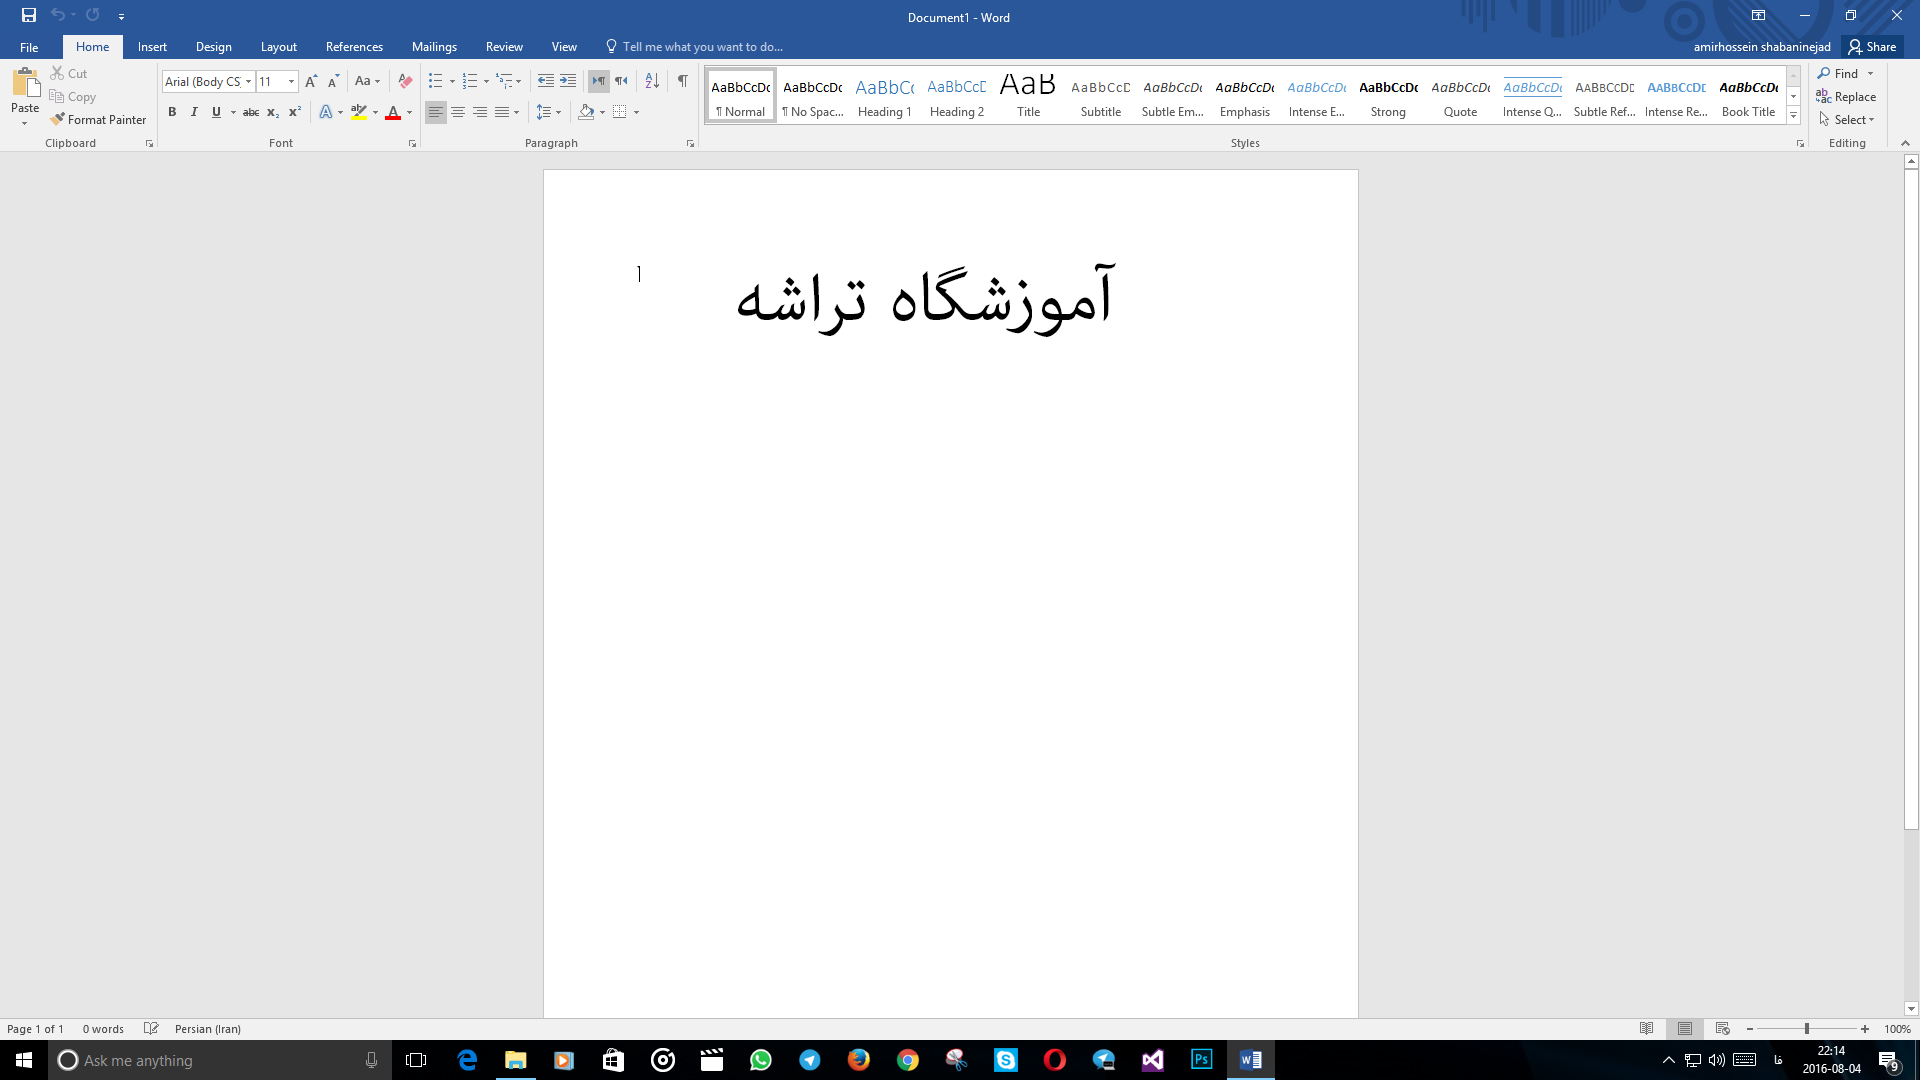 تصویر از چگونه در ورد یک نوشته را به چاپ کنیم-دوره آموزش ورد قم